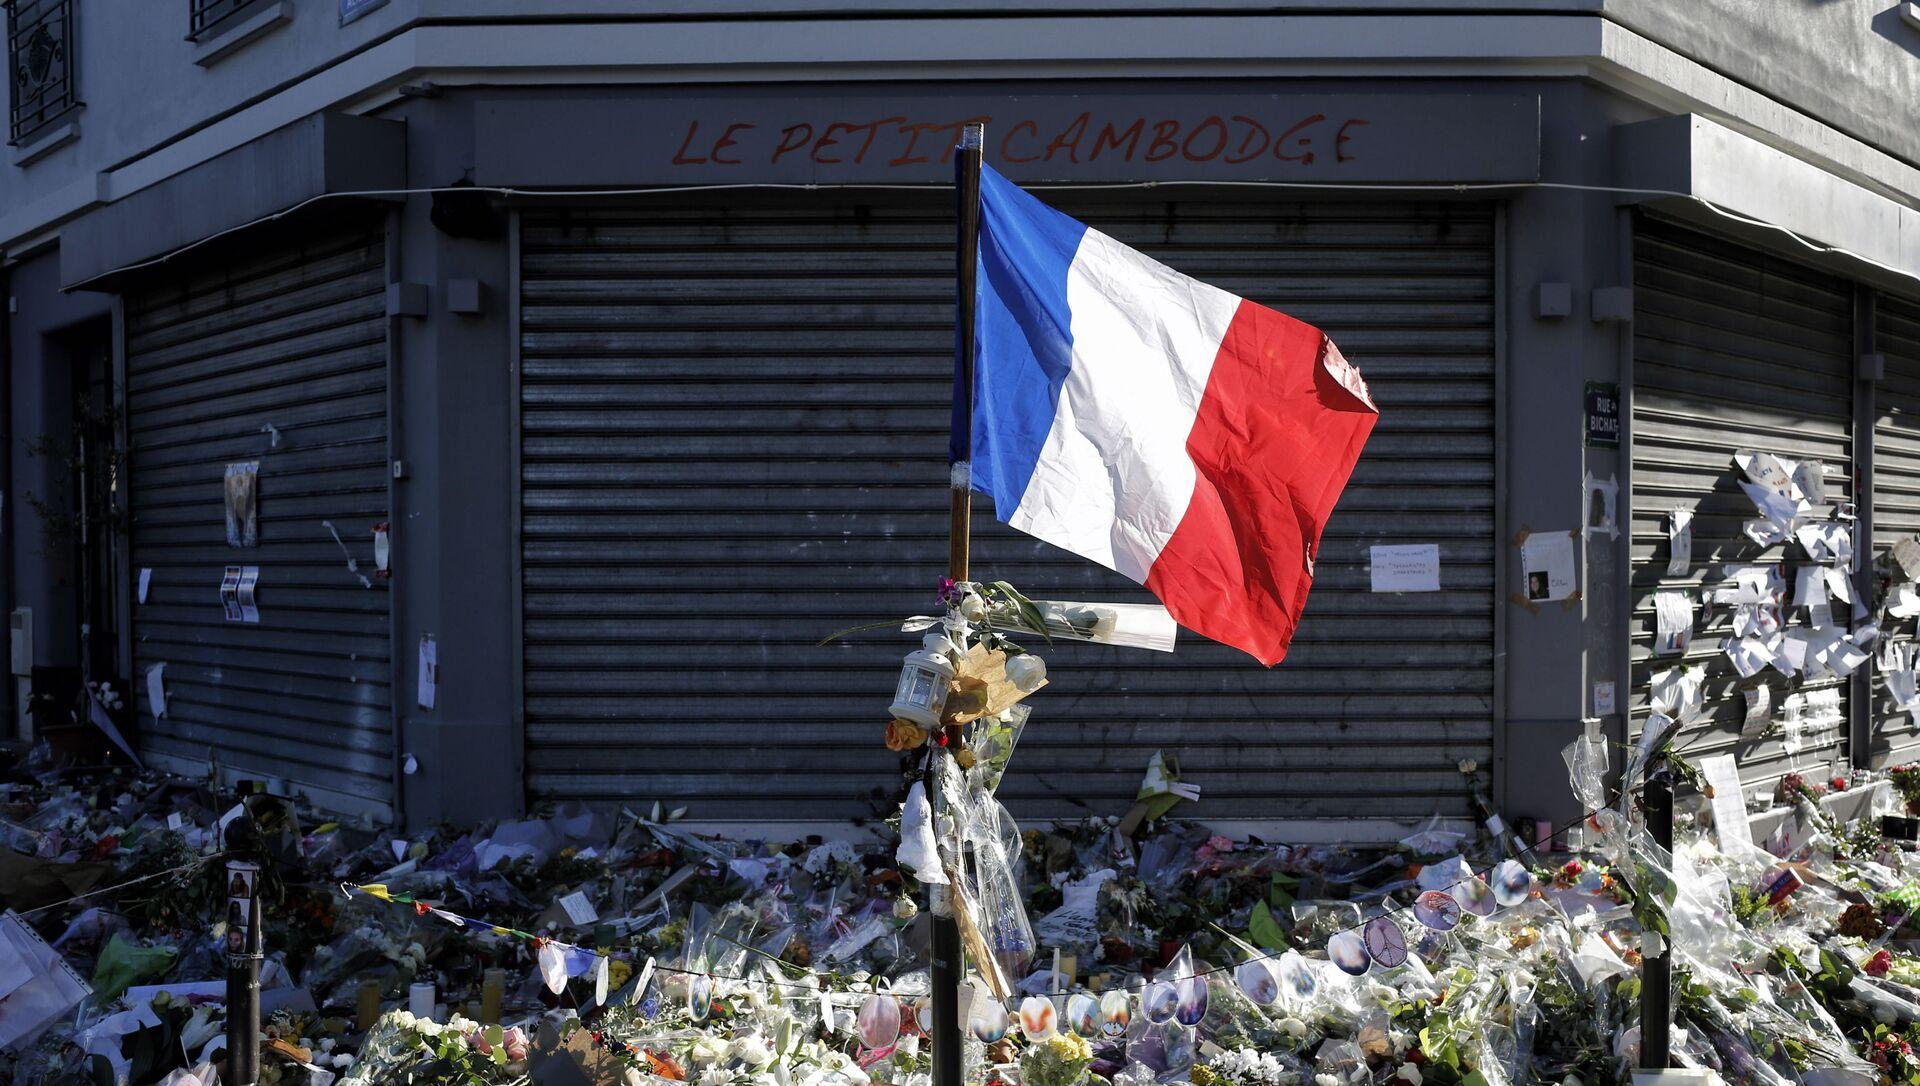 Una bandera francesa en el sitio del ataque terrorista en París en 2015 - Sputnik Mundo, 1920, 13.11.2020